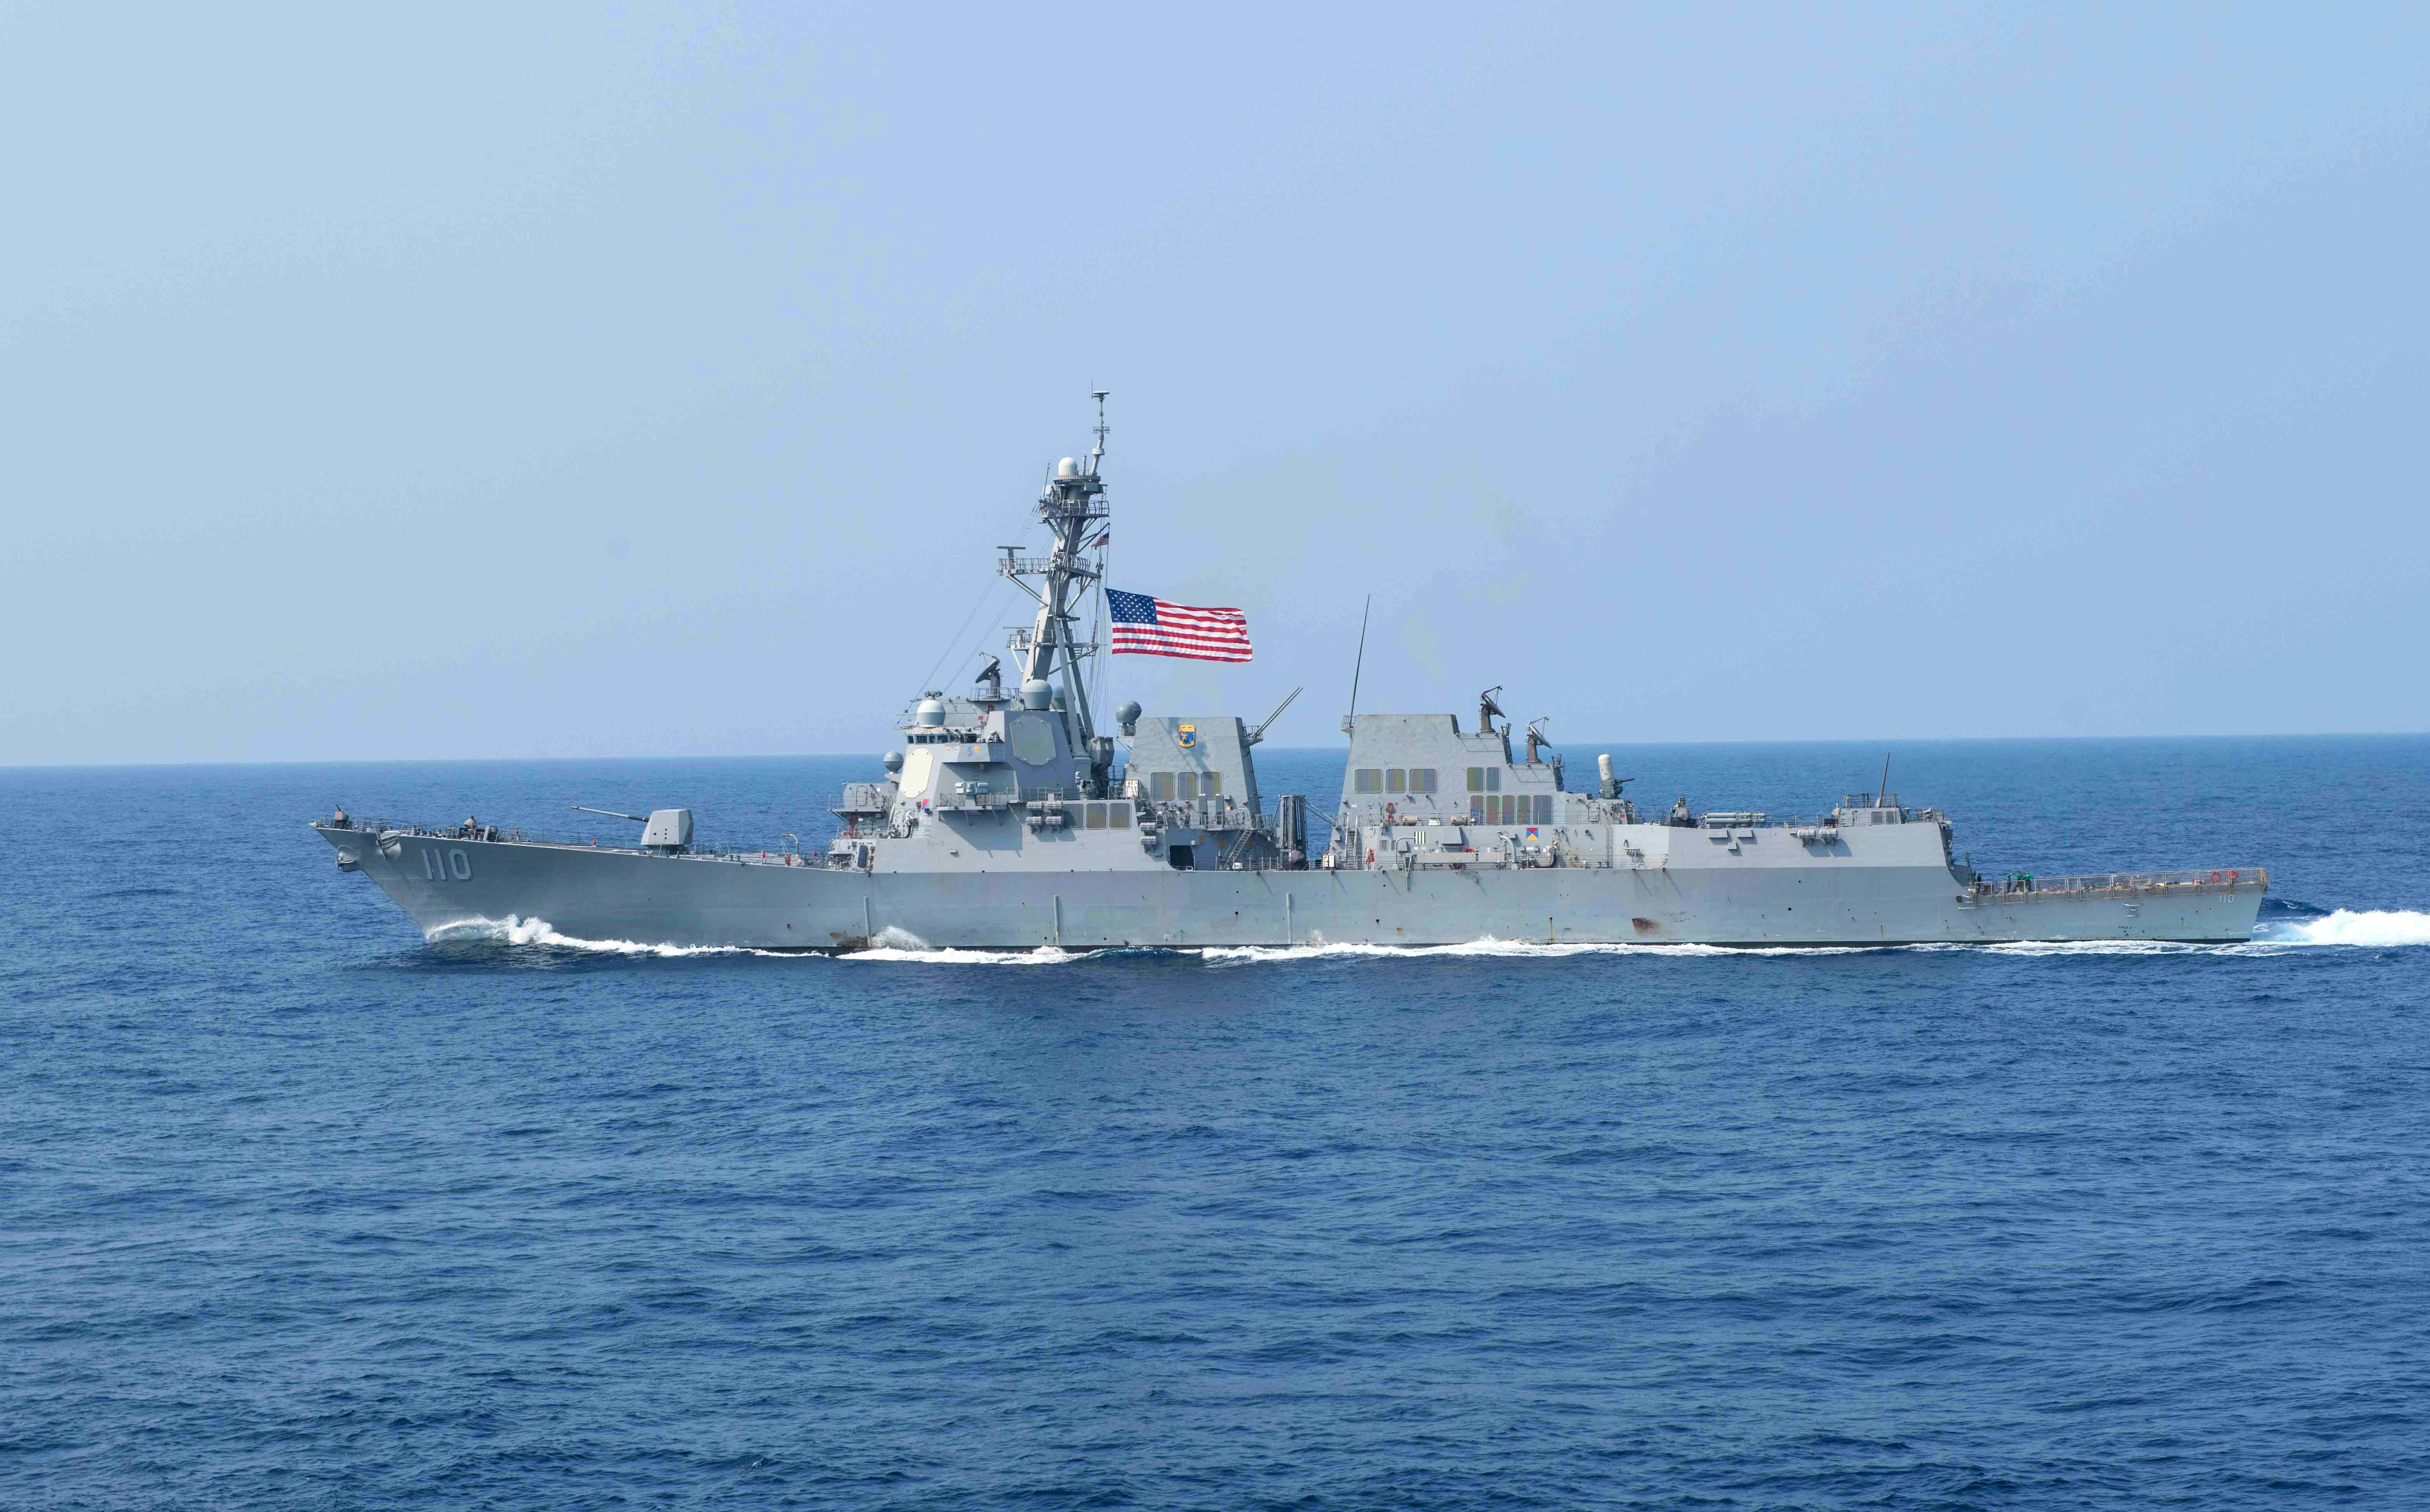 美國海軍兩艘柏克級神盾驅逐艦4月28日晚間由南往北穿越台灣海峽,其中一艘還開啟「自動識別系統」(AIS)。圖為勞倫斯號(William P. Lawrence)驅逐艦資料照。(MC2 Andrew P. HOLMES/Navy Media Content Operations(NMCO)/AFP)